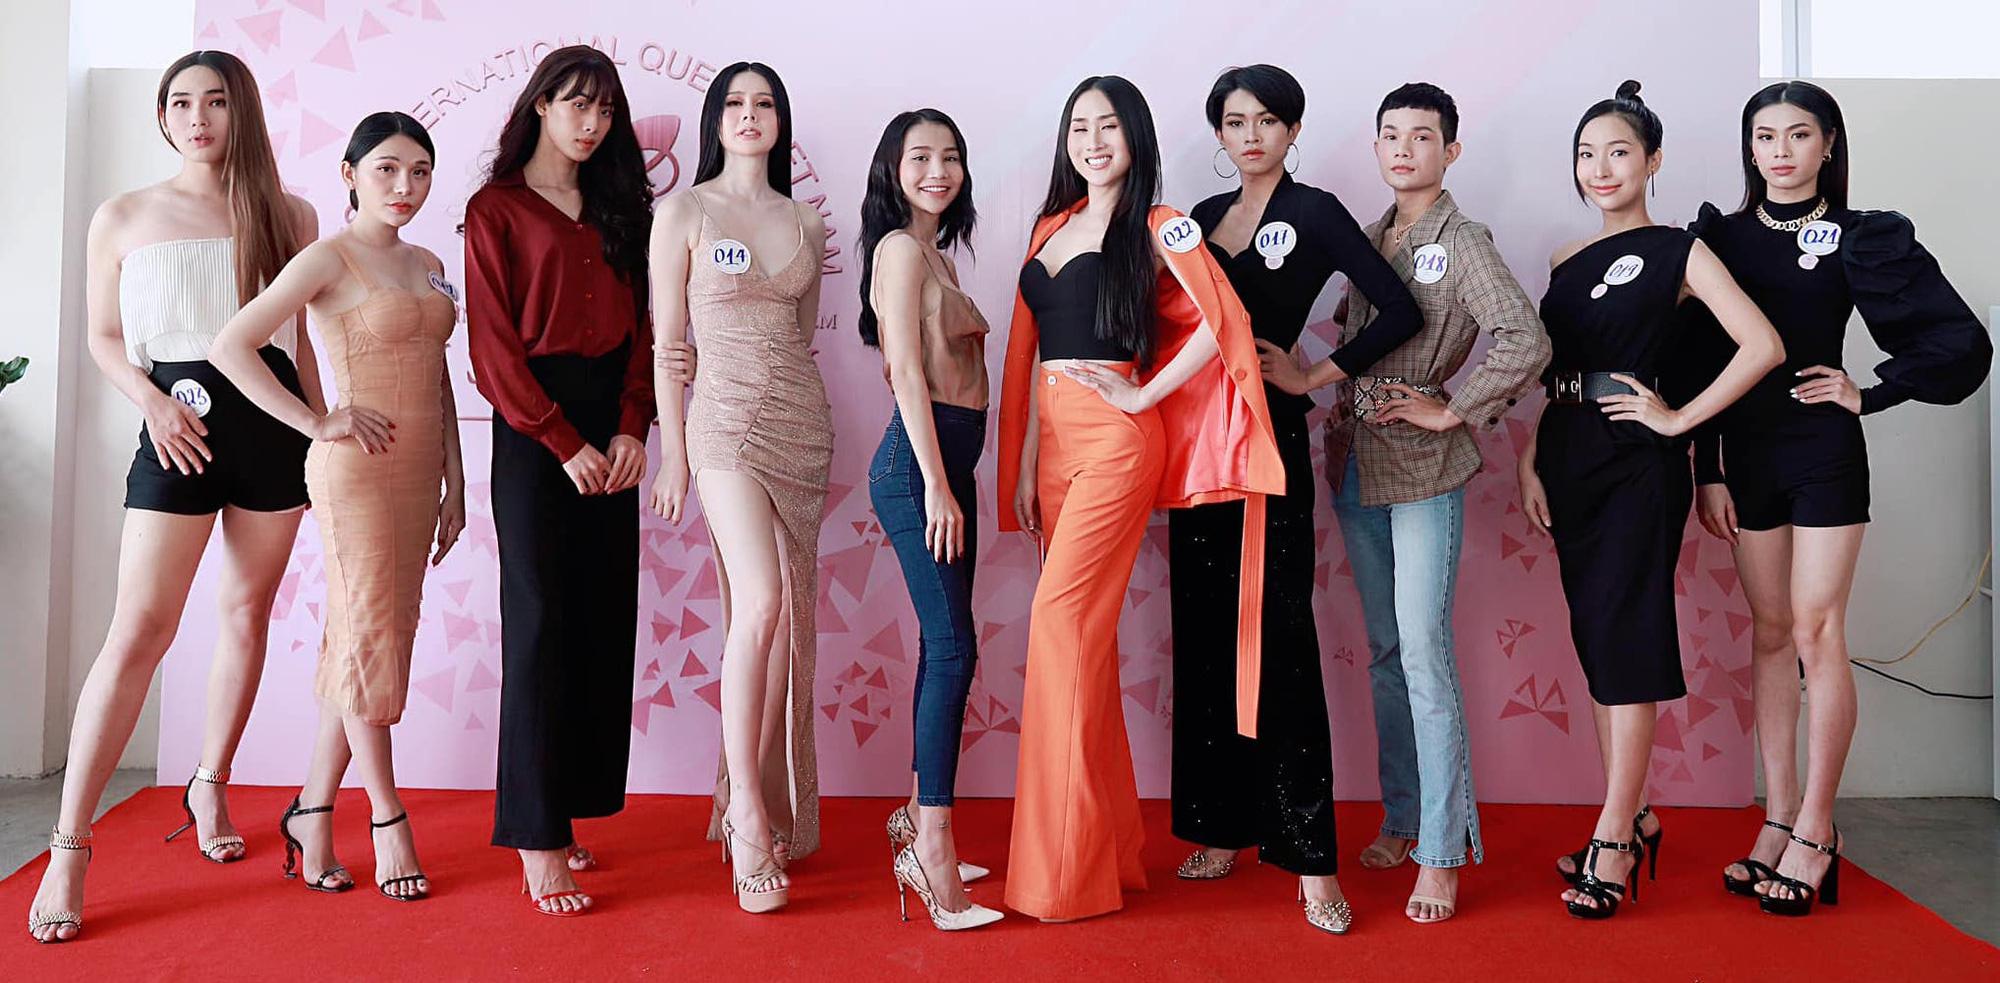 Hoa hậu Chuyển giới Việt Nam 2020: Người lộ nhược điểm hình thể, người làm lố với vẻ ngoài khác lạ - Ảnh 4.